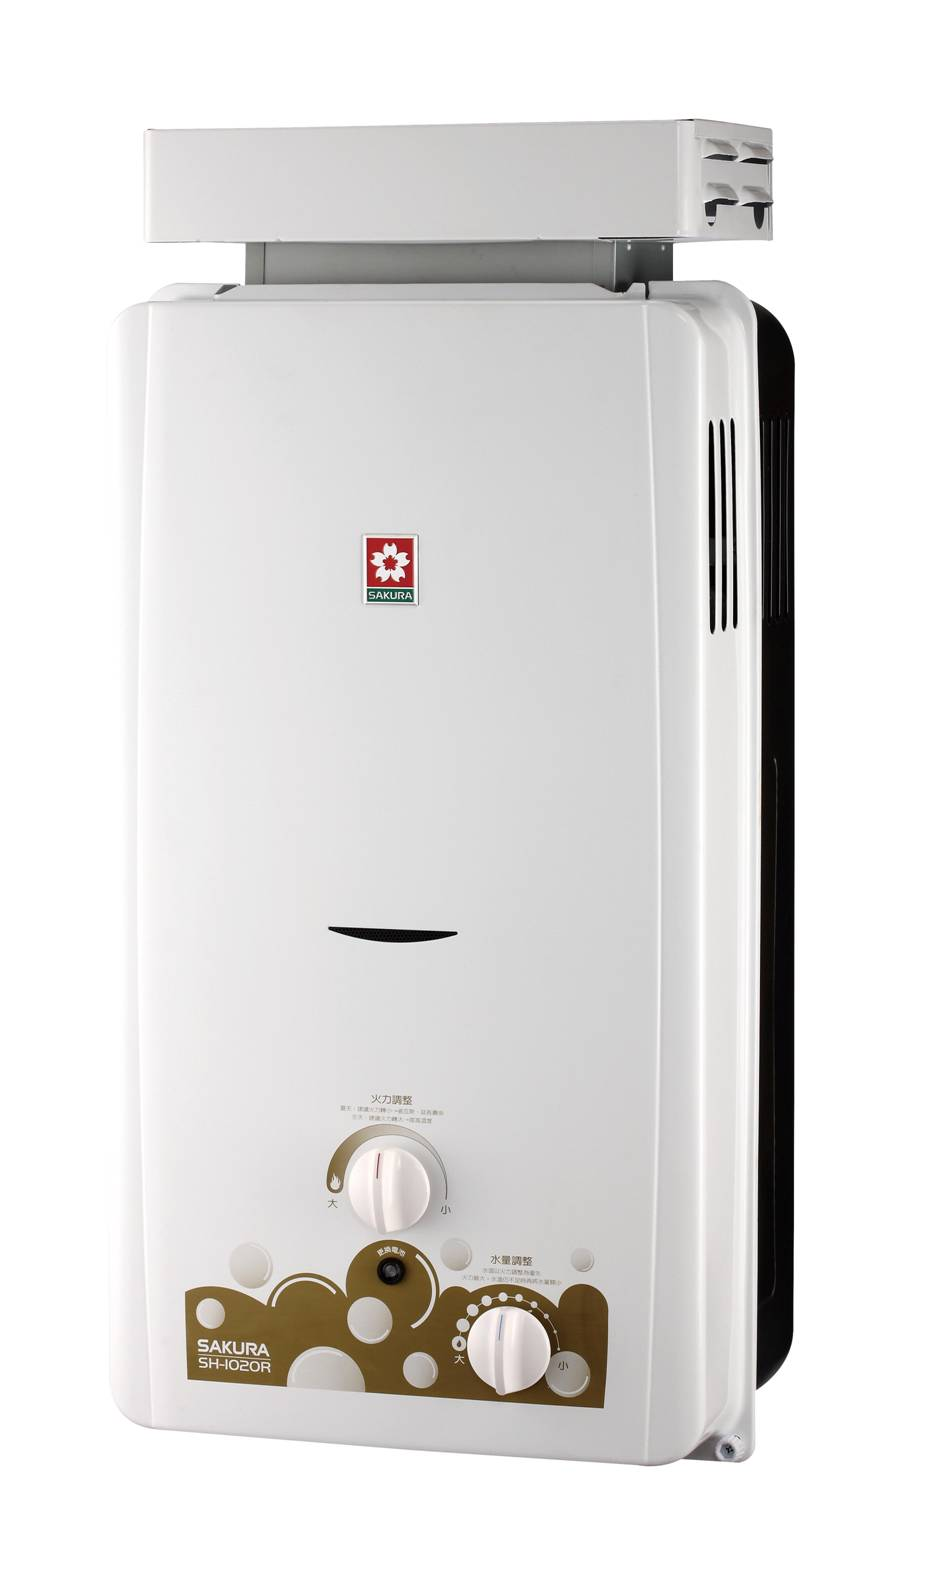 抗風裝置防空燒 10